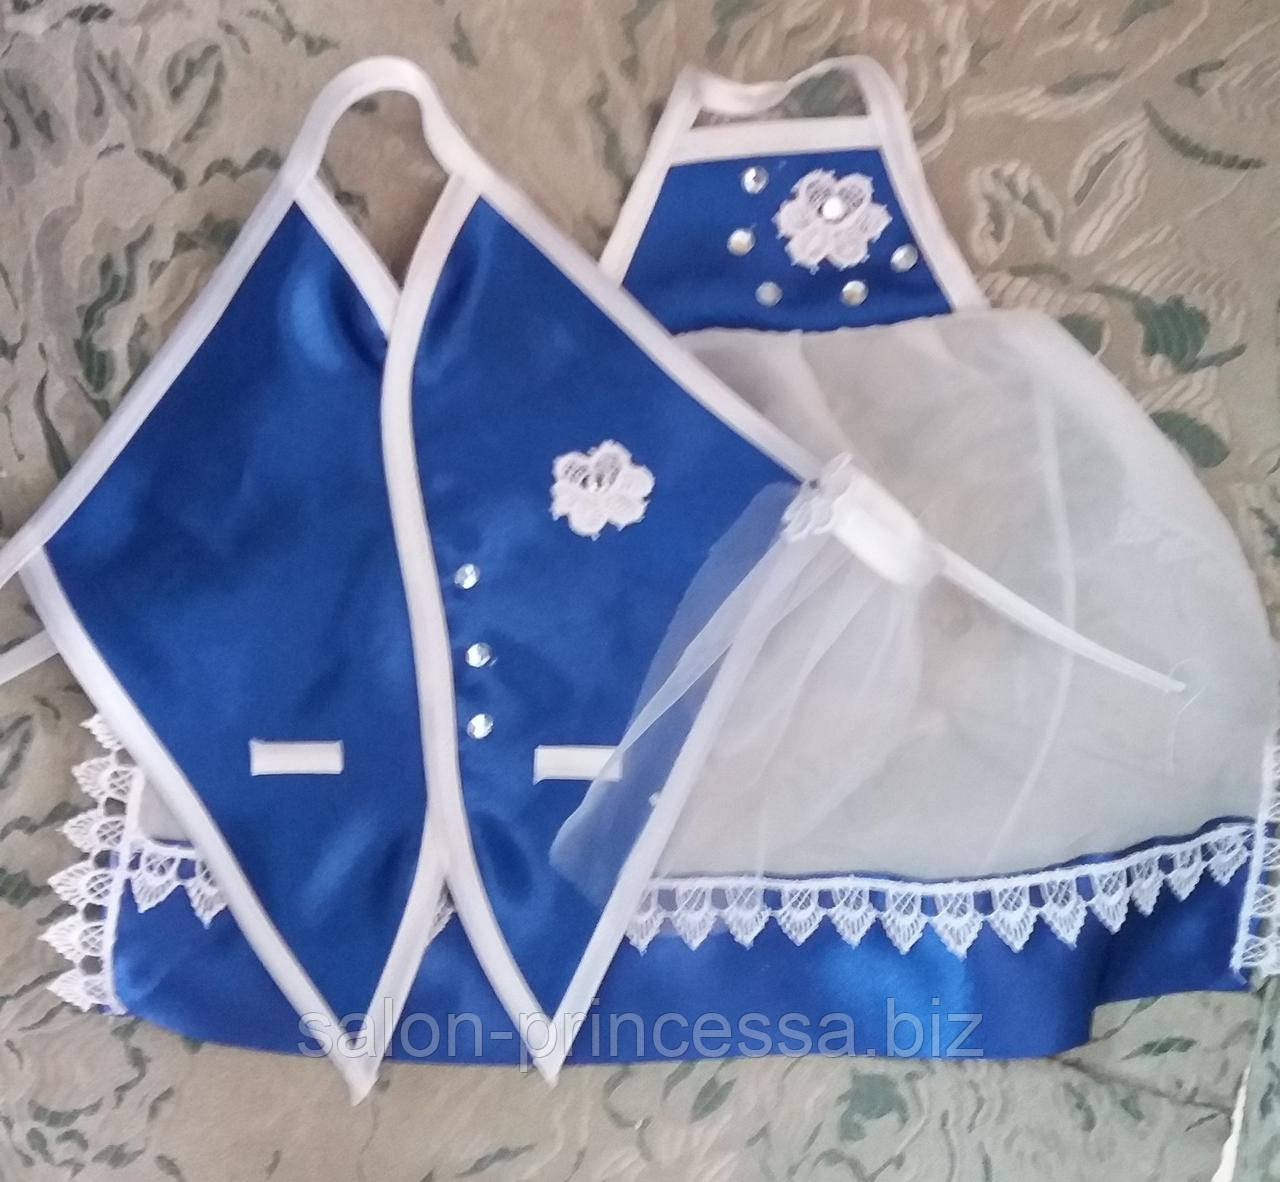 """Одежки для свадебного шампанского (синие) - Свадебный салон """"Принцесса"""" Чернигов в Чернигове"""